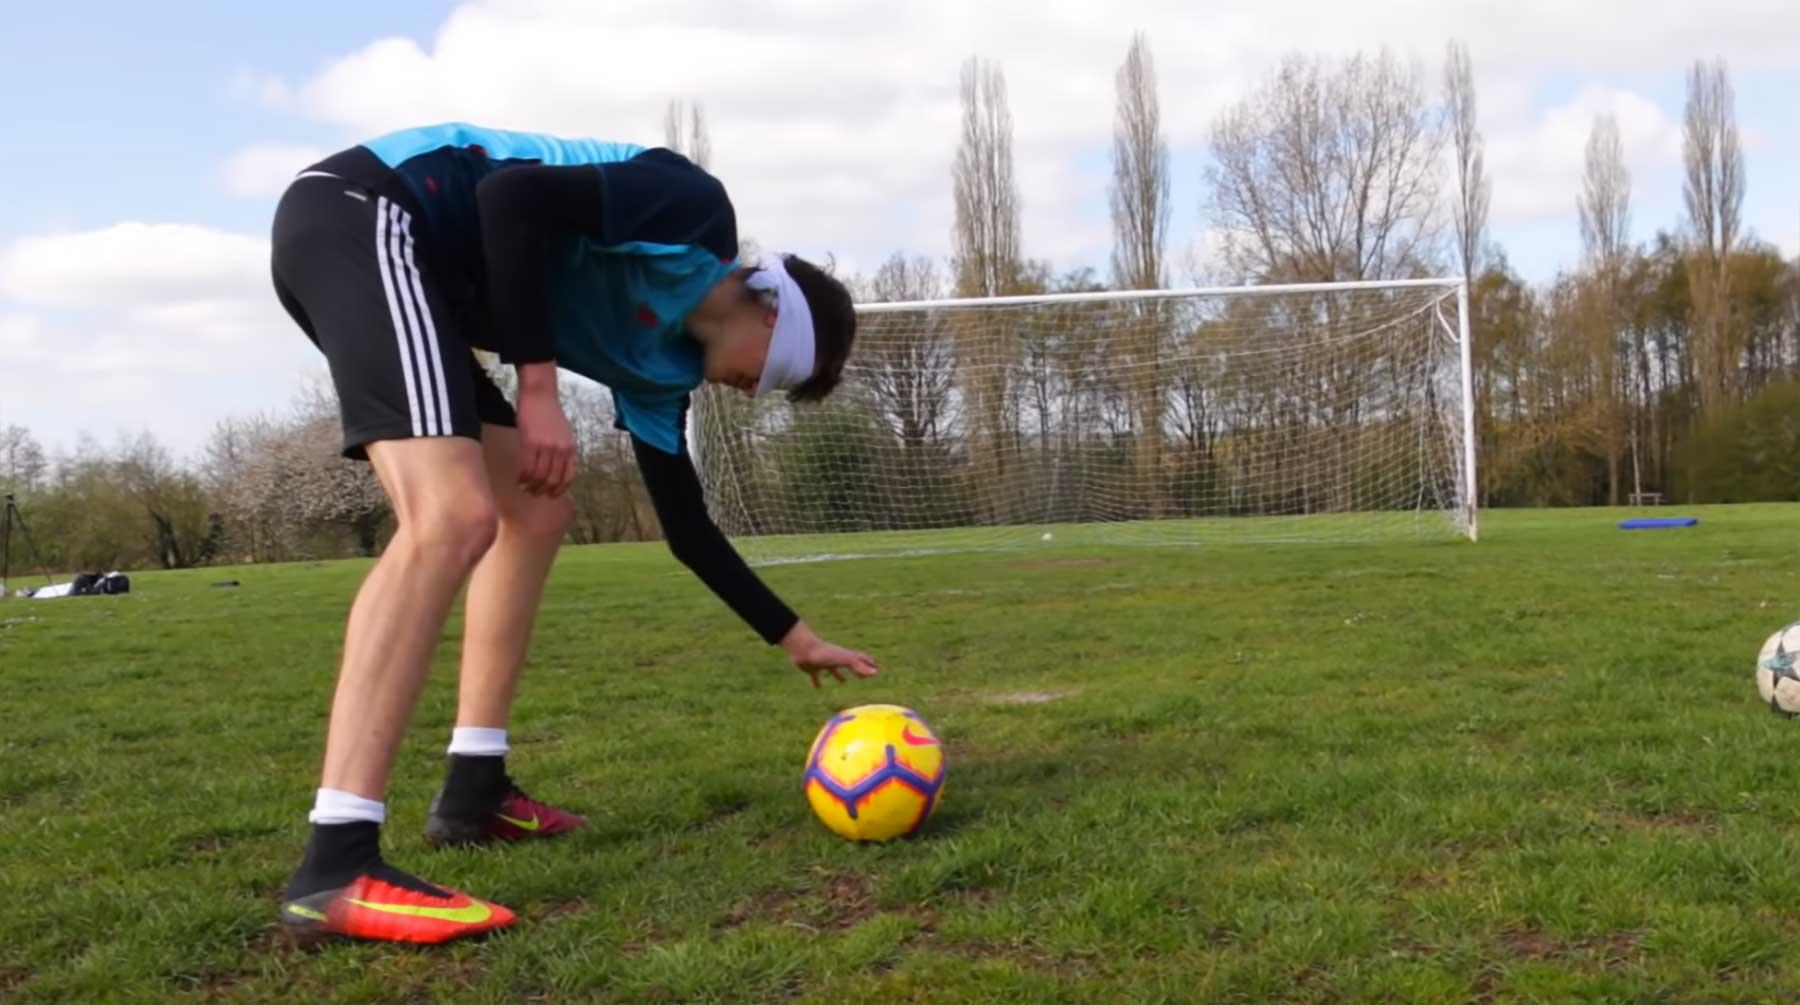 Von Fußball-Profis gefakete Trickshots in echt nachgemacht fake-fussballtricks-in-echt-nachgemacht